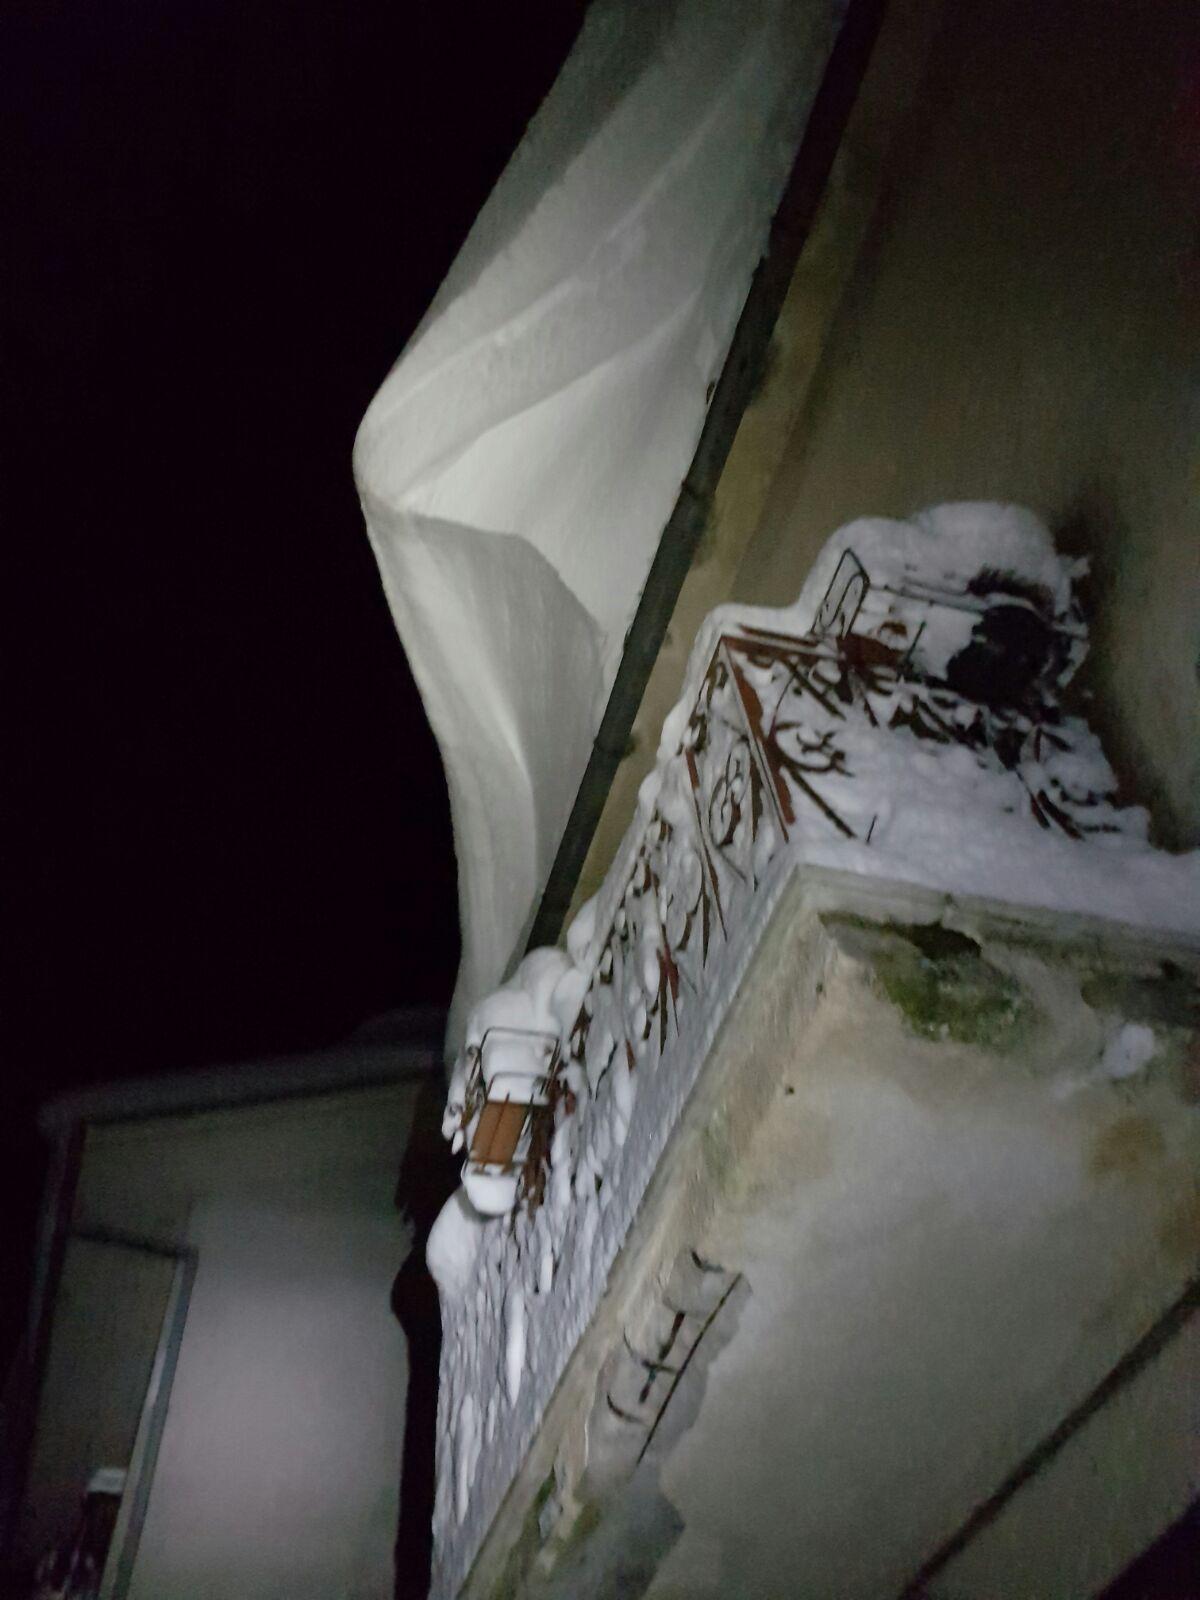 Emergenza neve in Centro Italia: il cuore straordinario dell'Italia che sa aiutare gli altri | Emergency Live 18